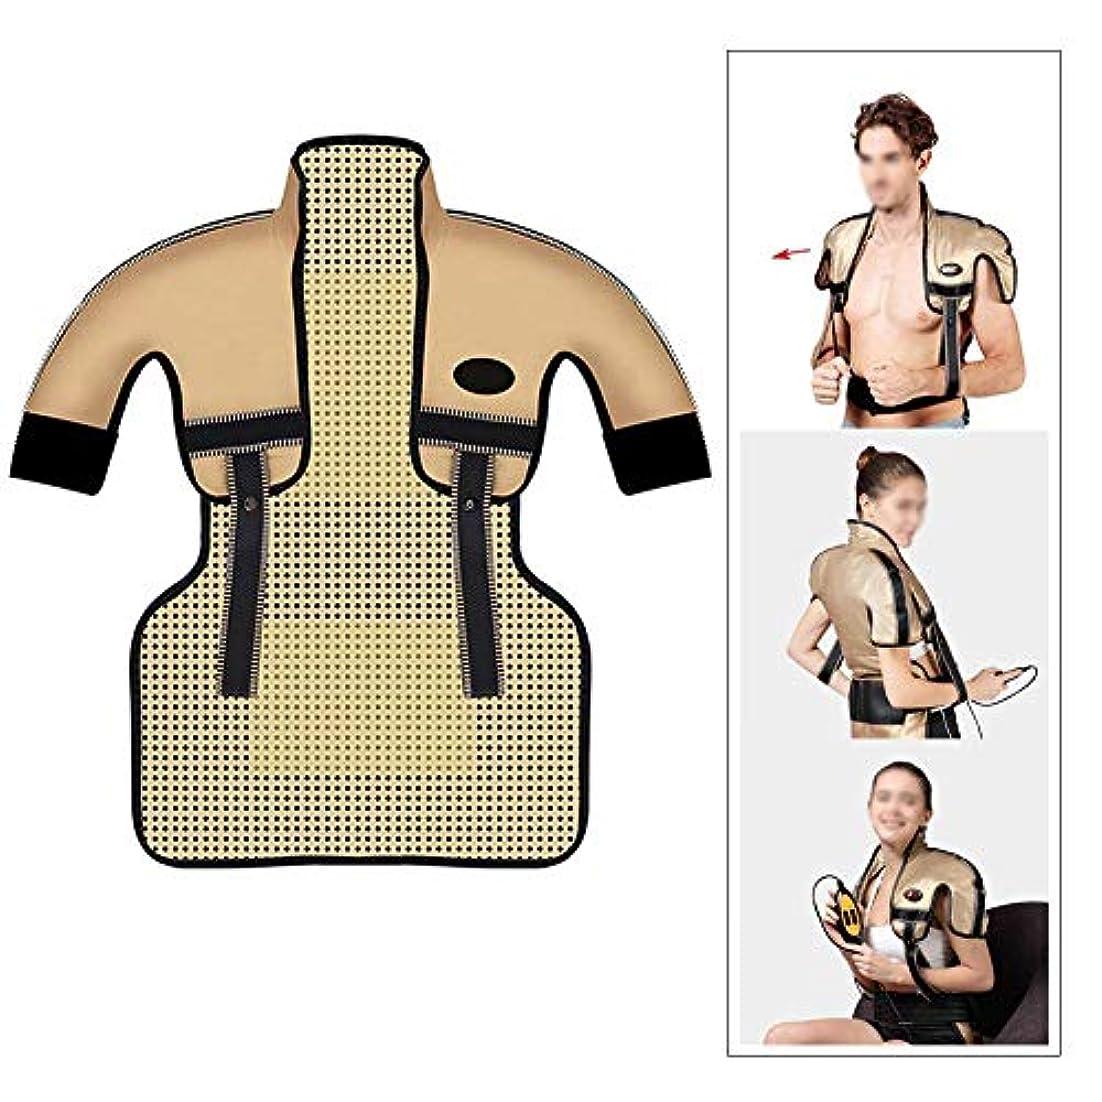 一杯指令請う肩と首の電気加熱パッド - 混練加熱、痛みを和らげるヒートパッド、医療用品マッサージベスト(肩幅用:35-50CM)